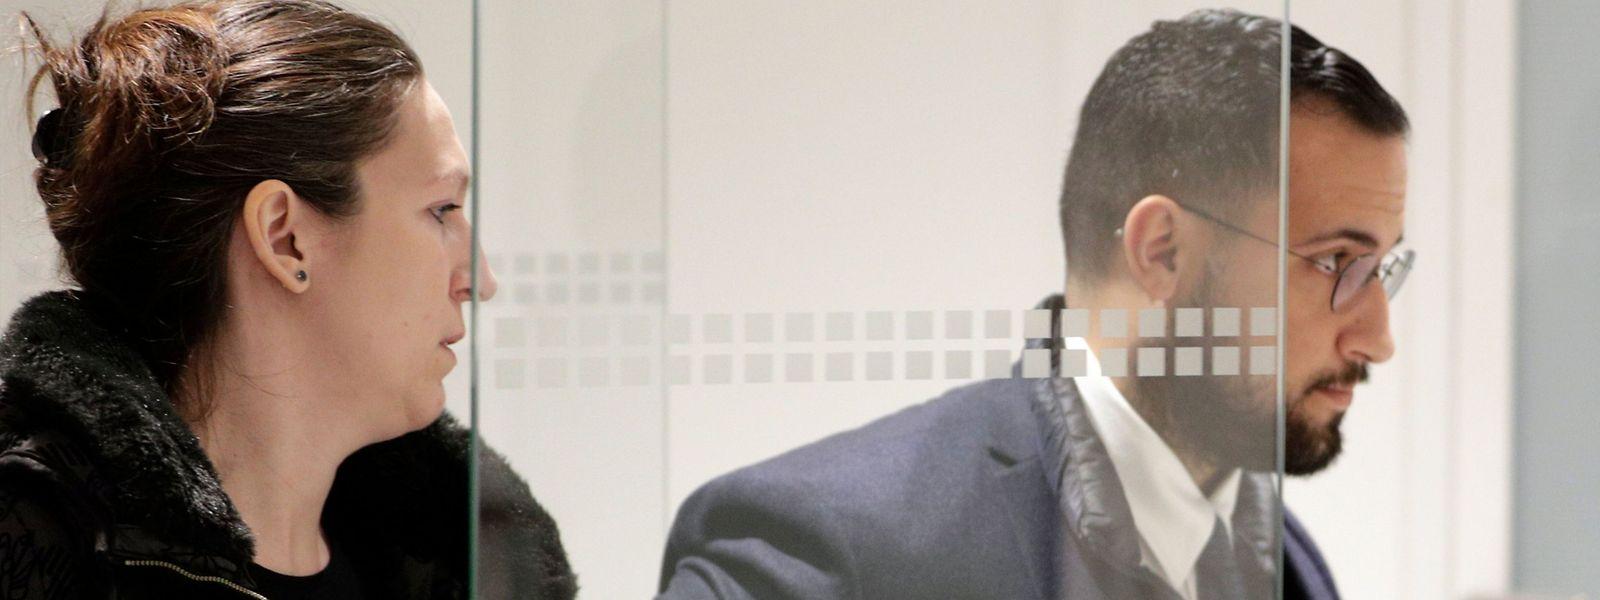 Alexandre Benalla und dessen Anwältin Audrey Gadot treffen vor Gericht in Paris ein.